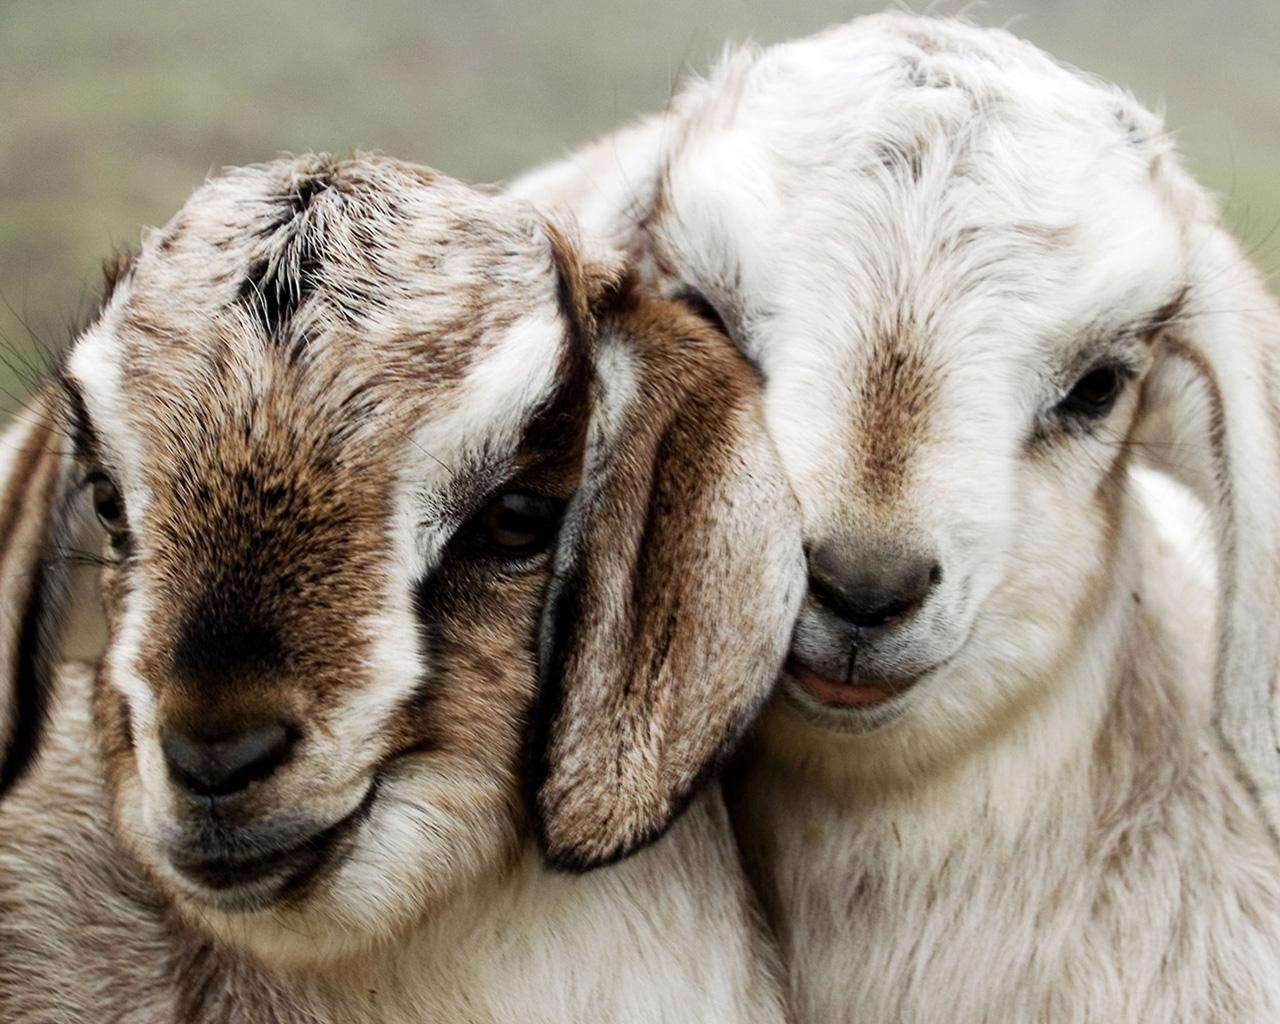 bleat bleat bleat | Furry Friends | Pinterest | Baby goats